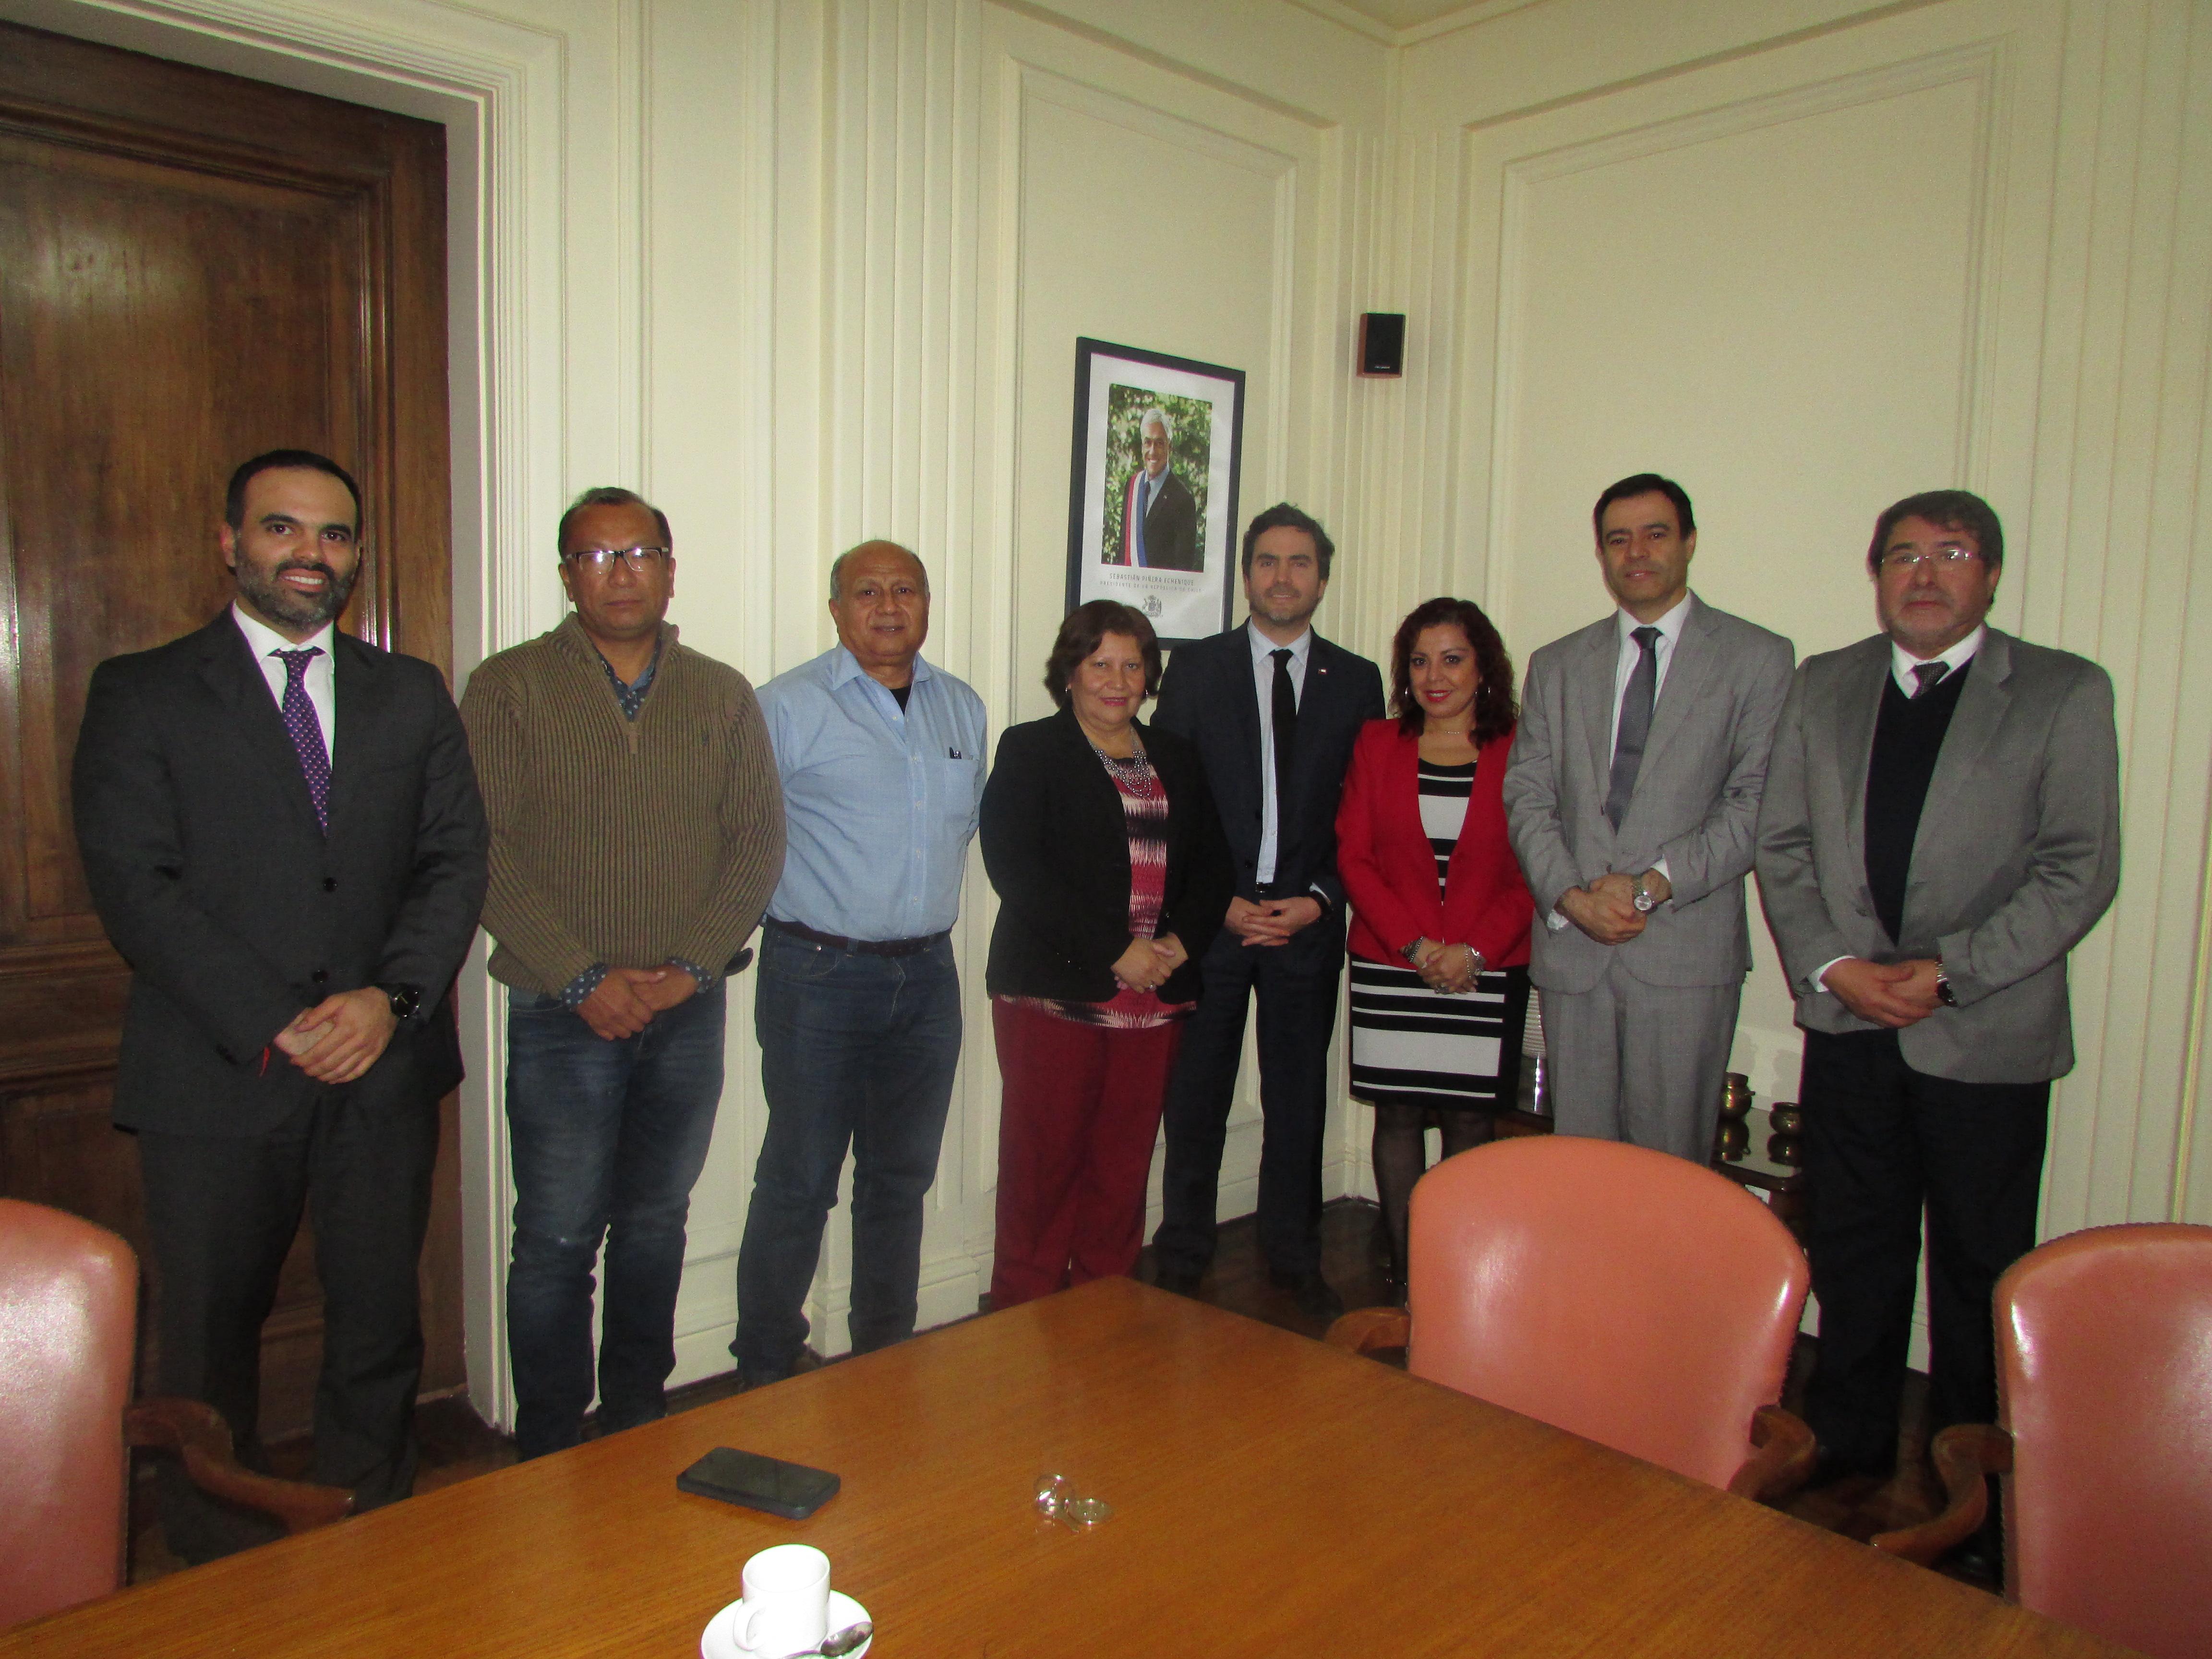 Dirigentes Nacionales y Provinciales de AET se reúnen con Subsecretario de Hacienda, Francisco Moreno - 29 Mayo 2018